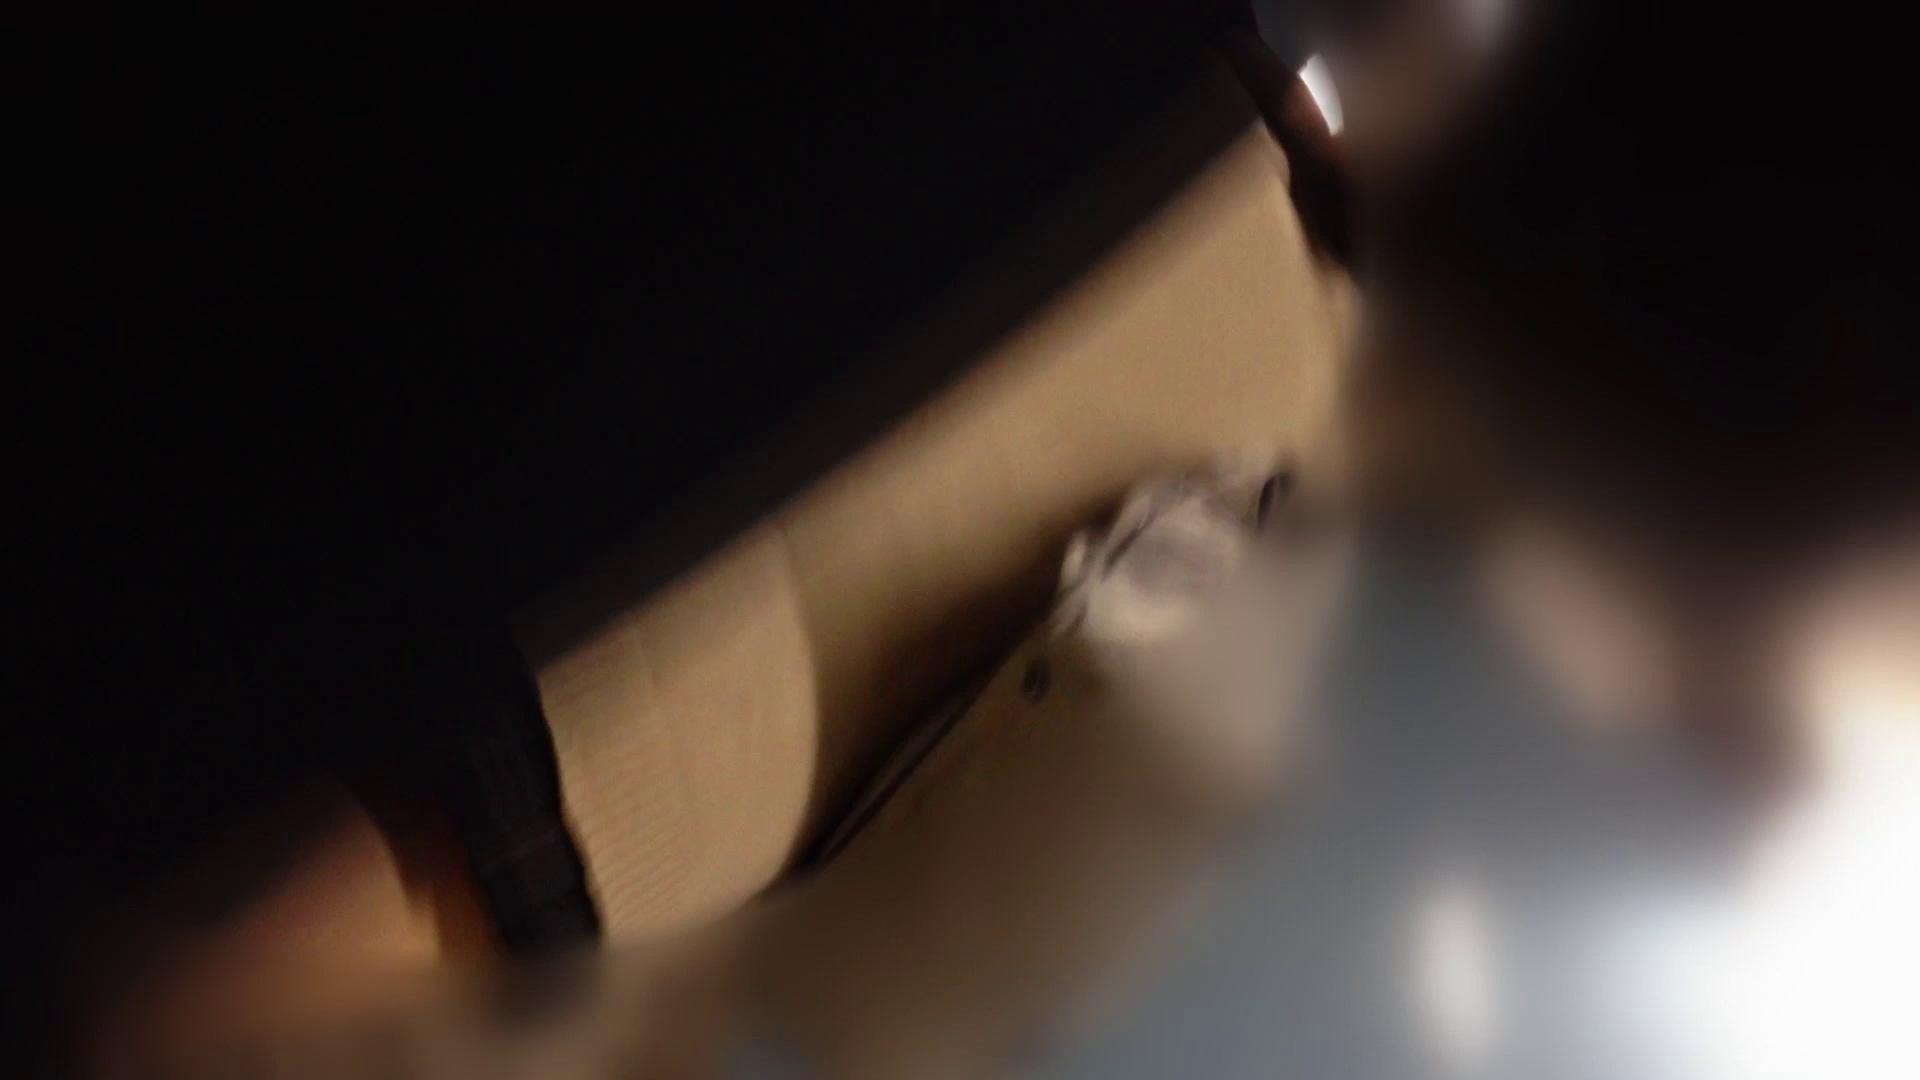 階段パンチラ Vol.02 ギャル攻め おめこ無修正画像 87画像 47